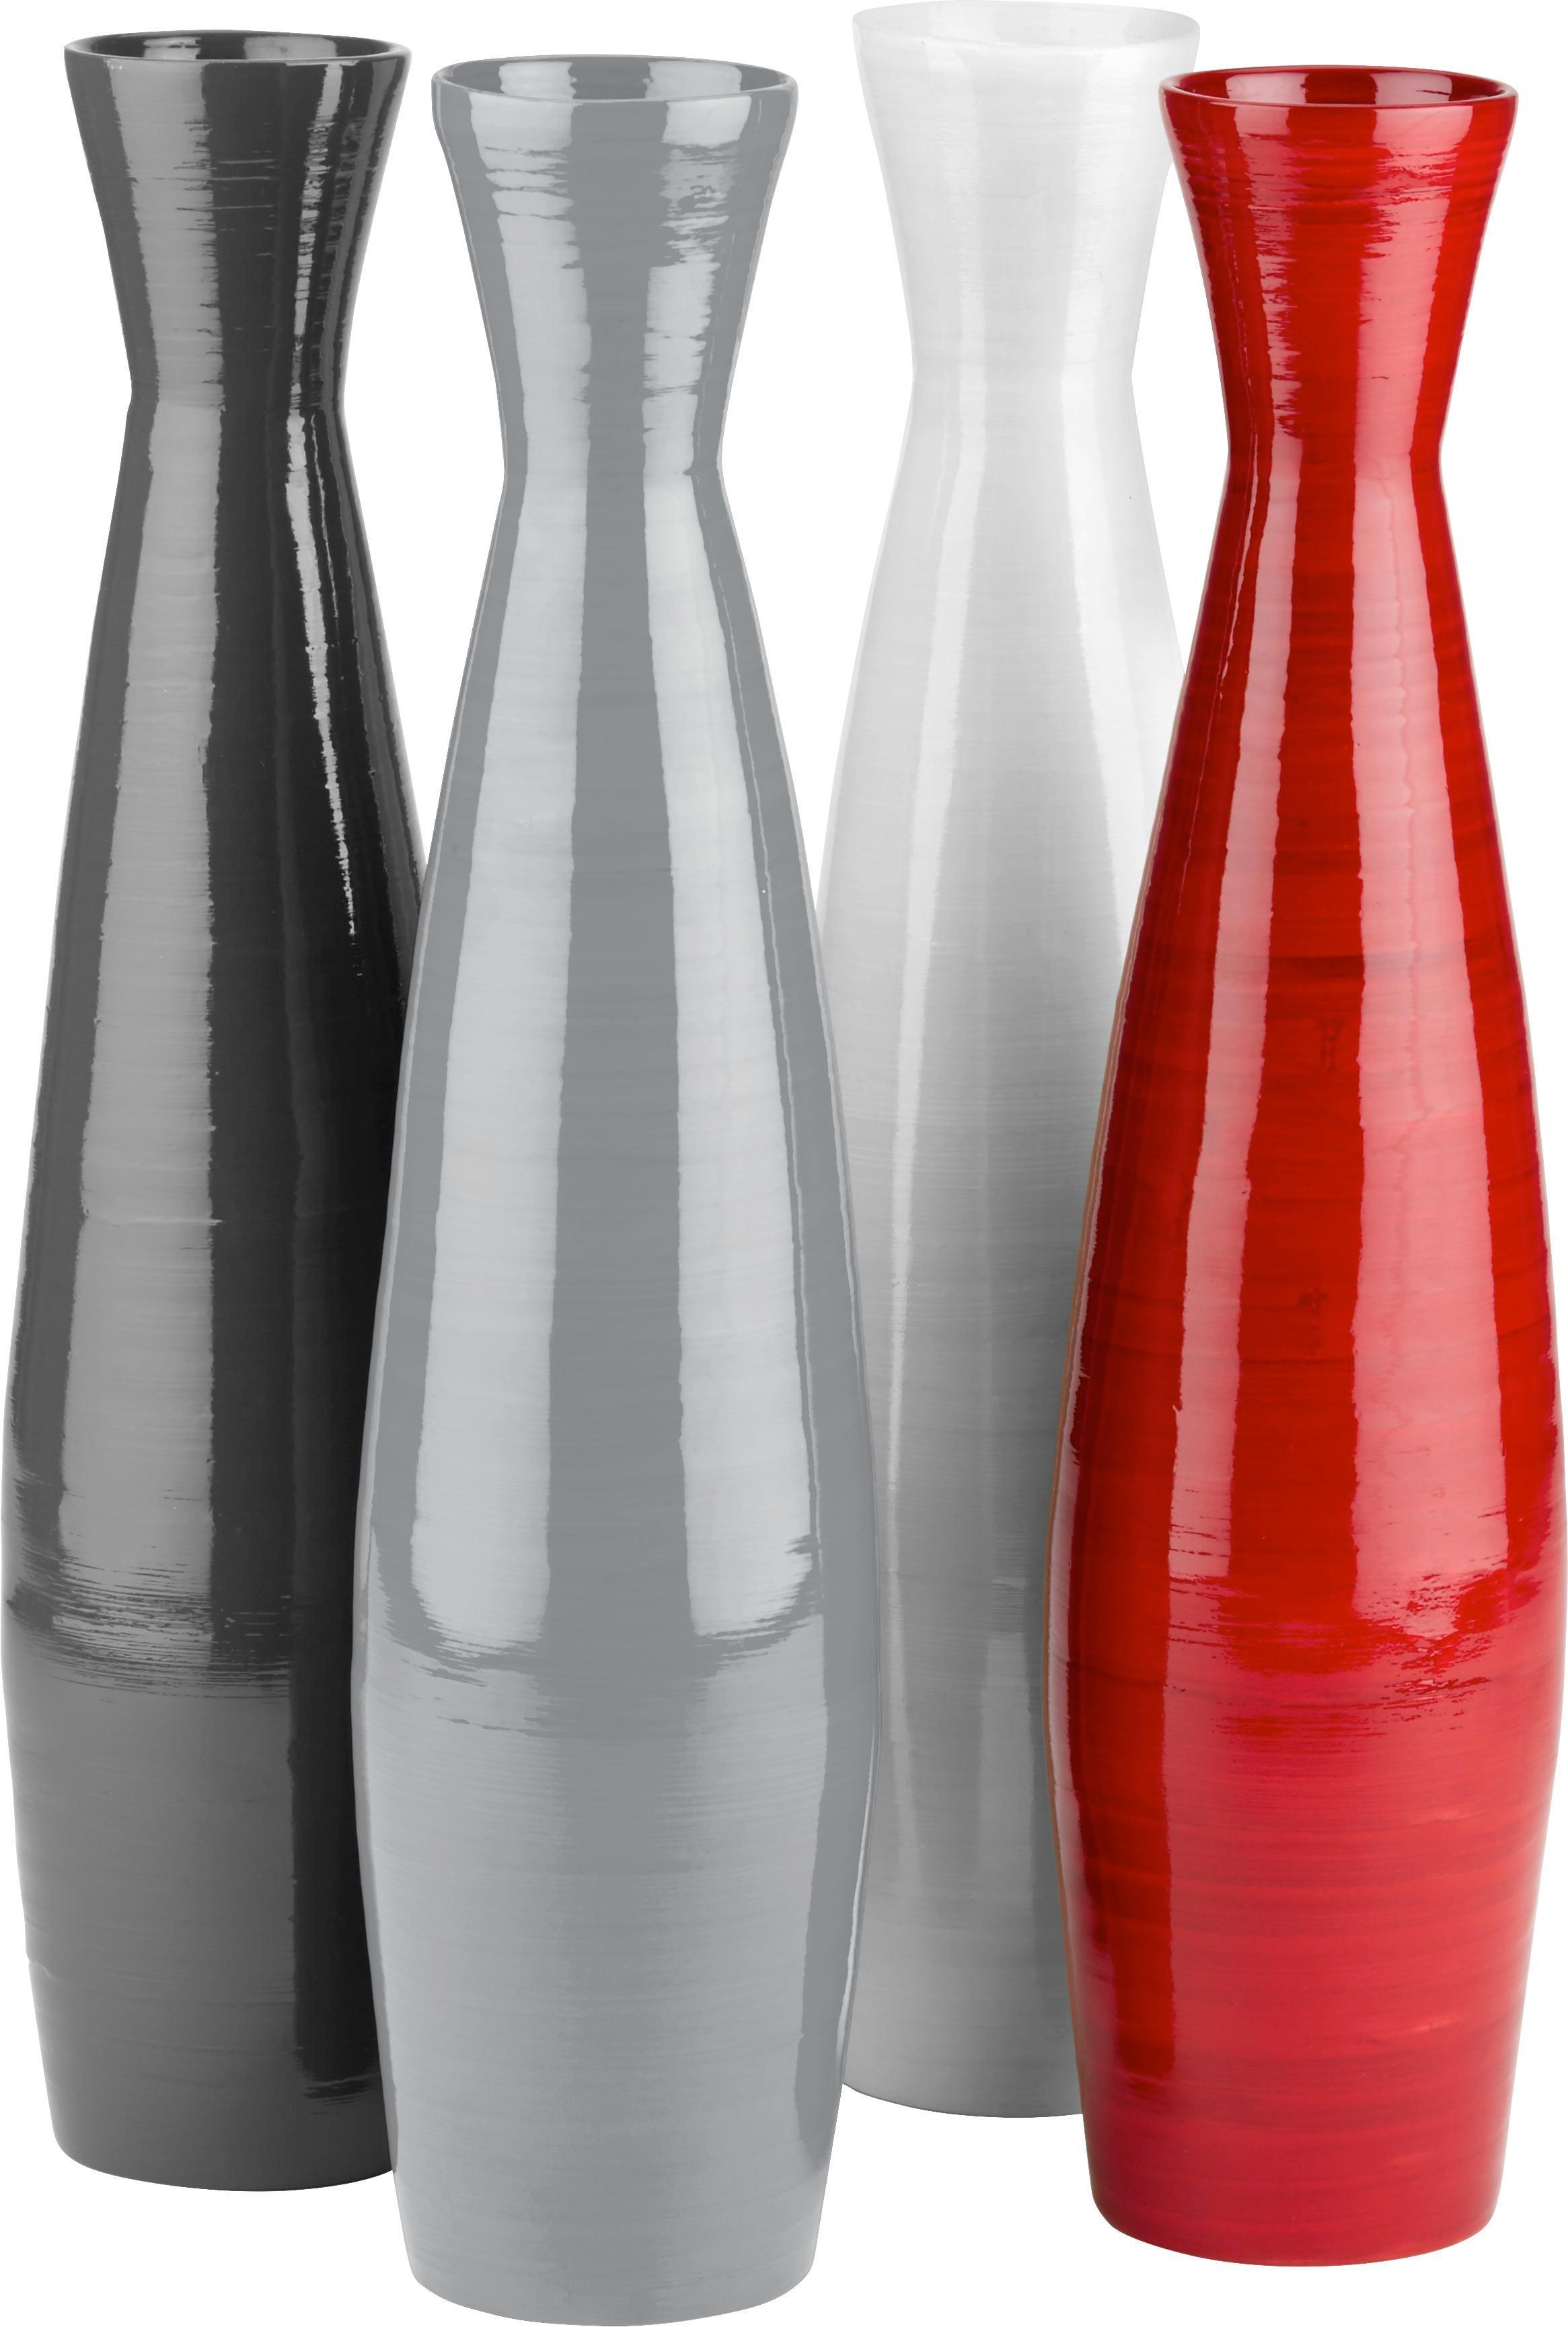 Vase Diana in verschiedenen Farben - Weiß/Grau, LIFESTYLE, Holz (11/46cm) - MÖMAX modern living